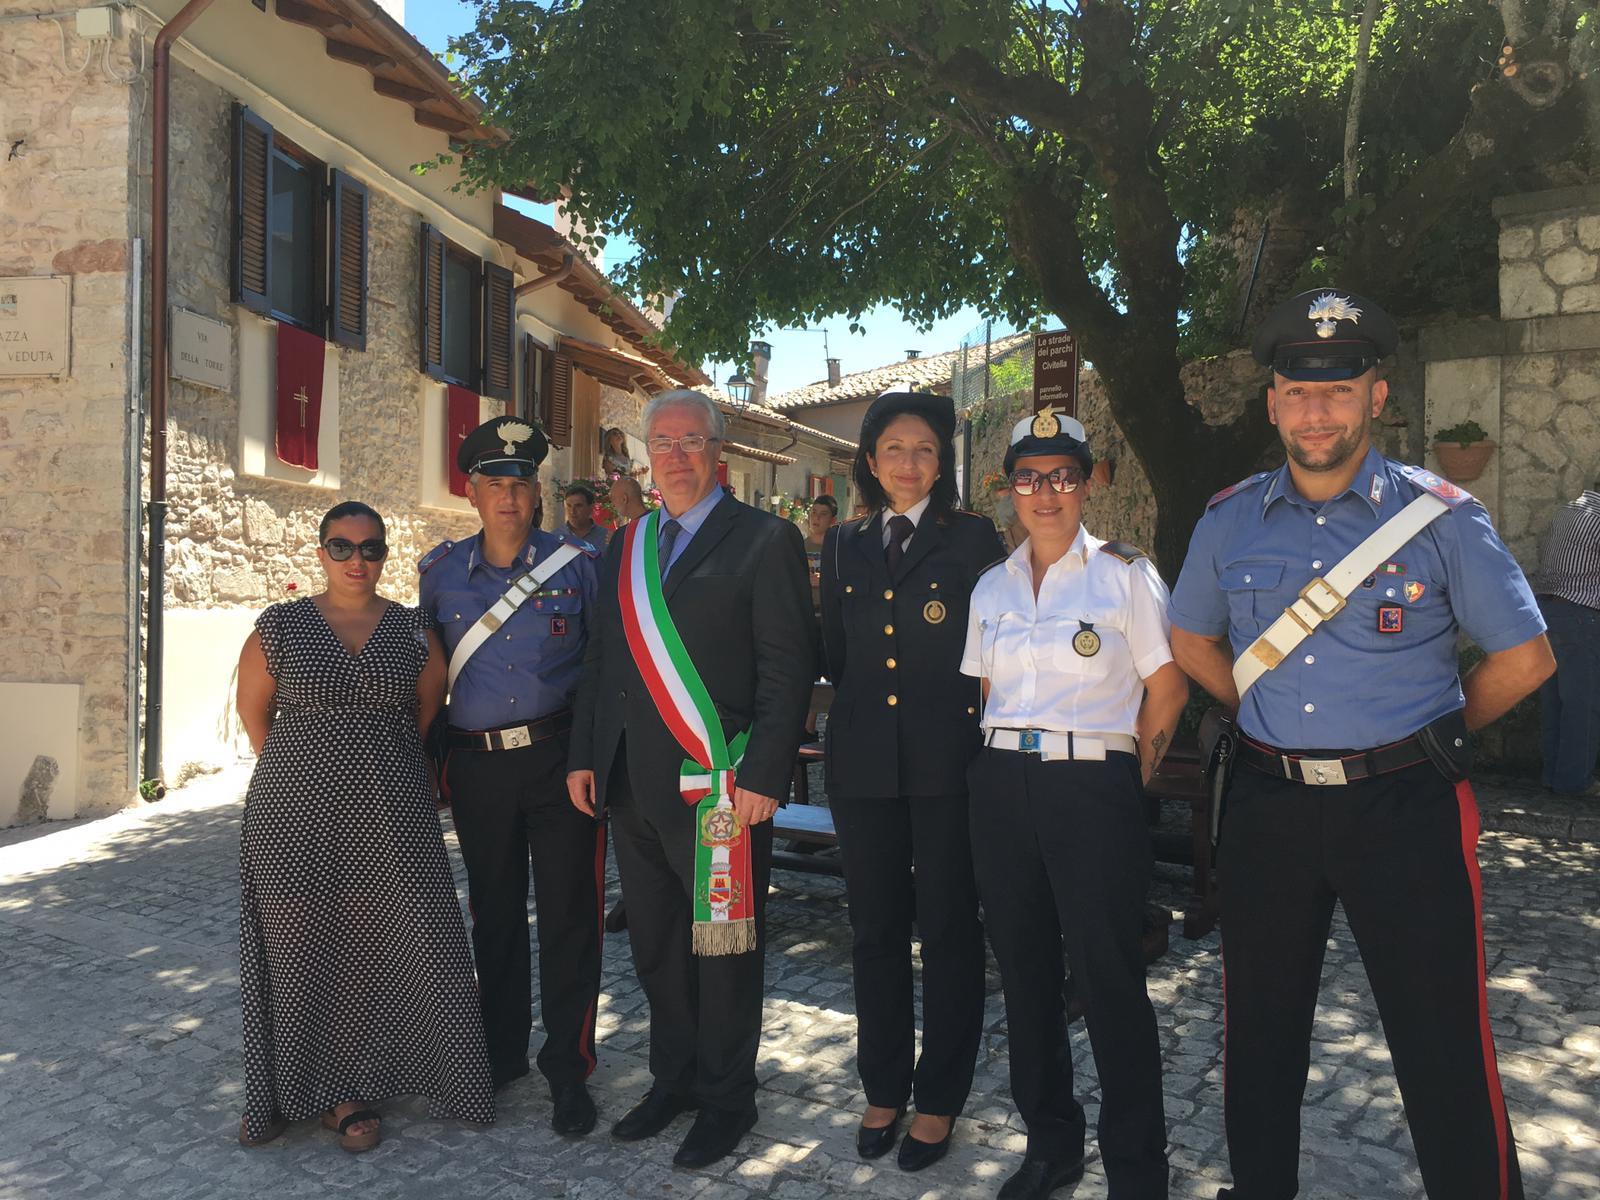 Grande festa a Civitella di Licenza: si celebrano i Santi patroni Giacomo e Filippo